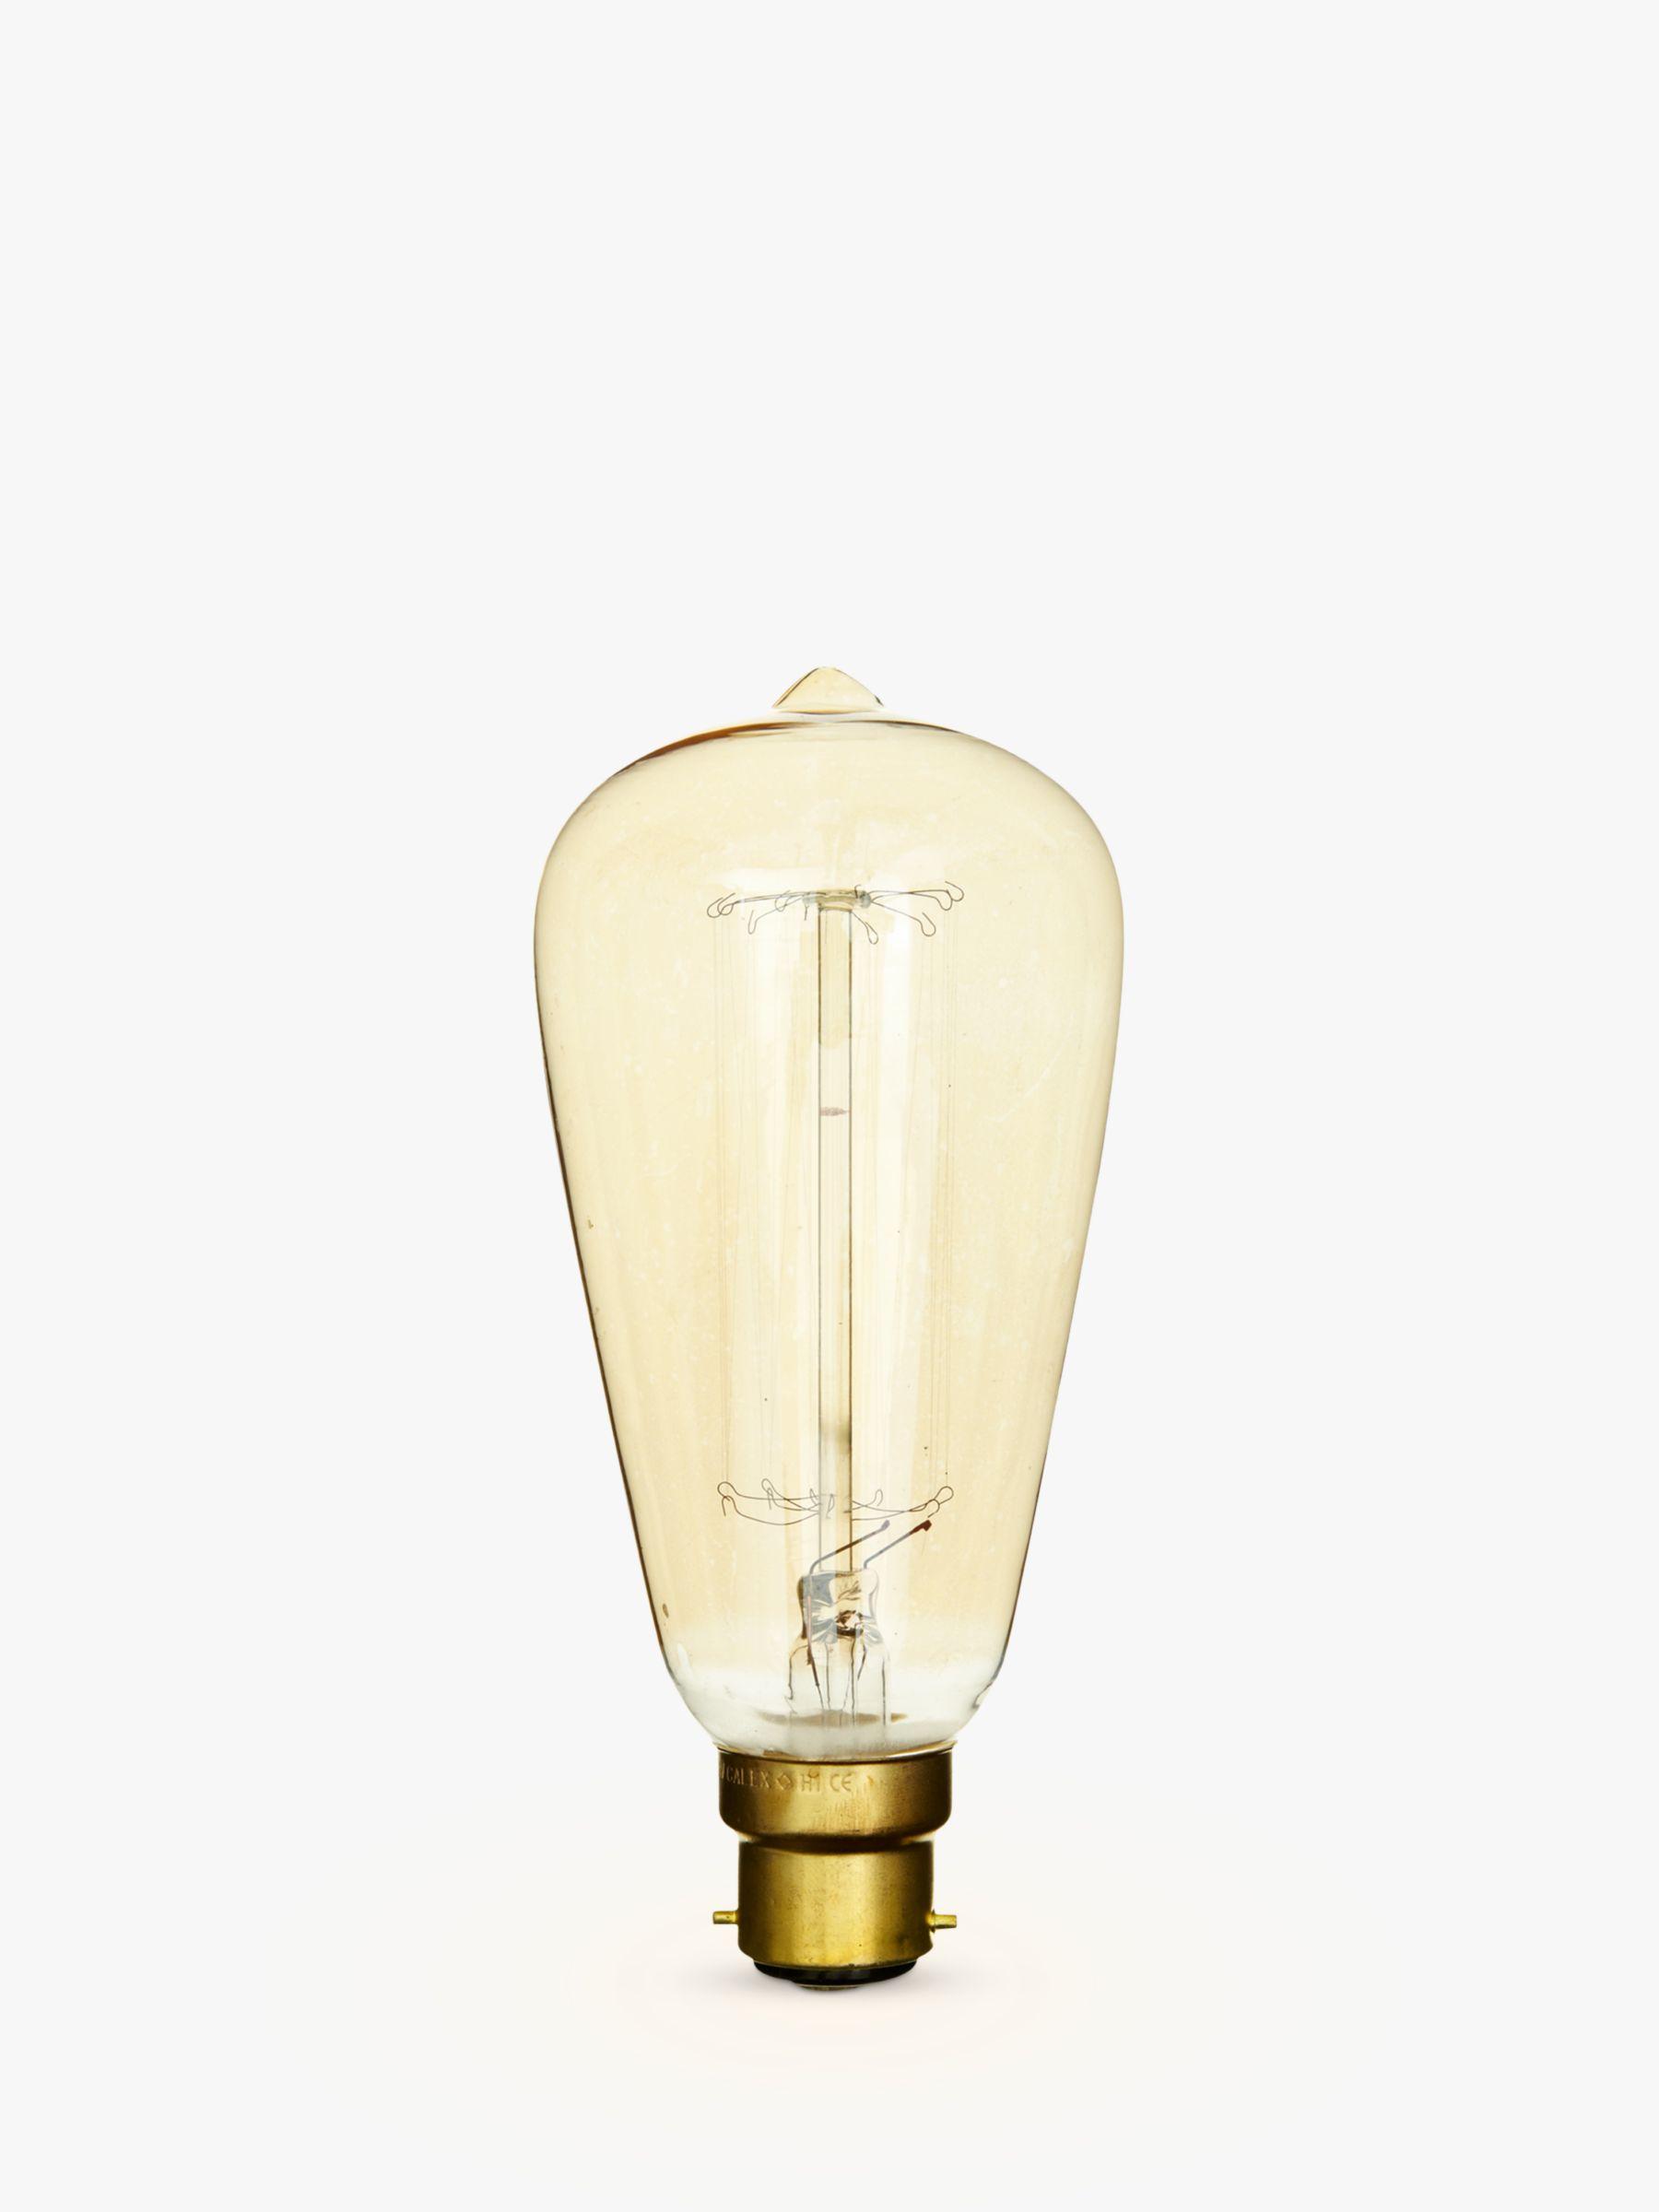 Calex Calex 40W BC Decorative Filament Rustic Bulb, Gold